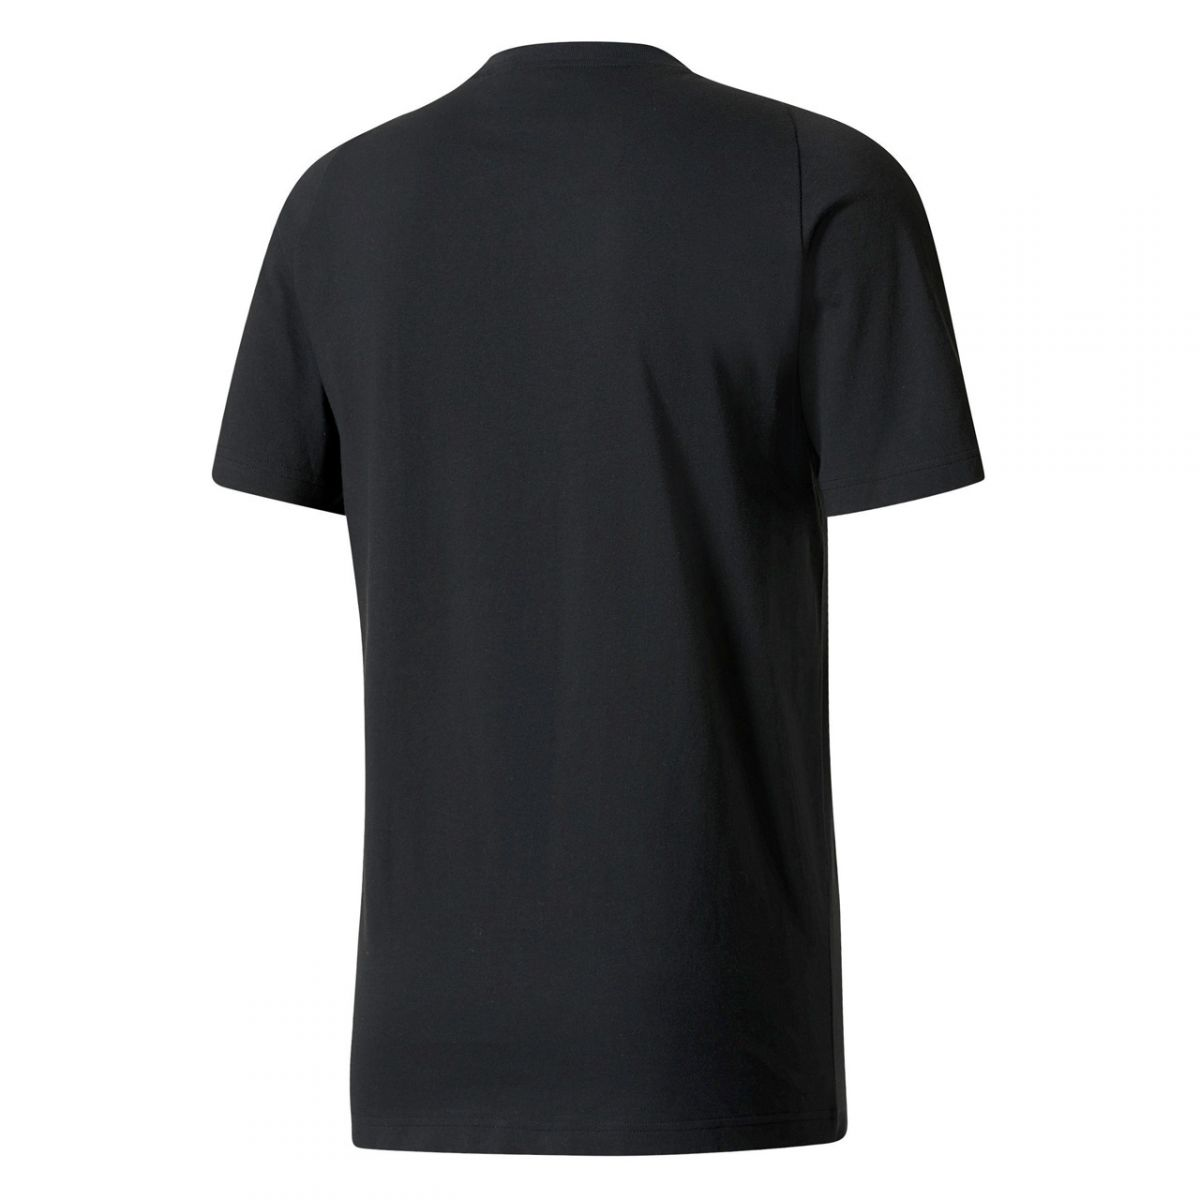 adidas SST BOMBER JACKET Bonn bar jacket MA 1 AB7669 orange size: XS (Adidas)